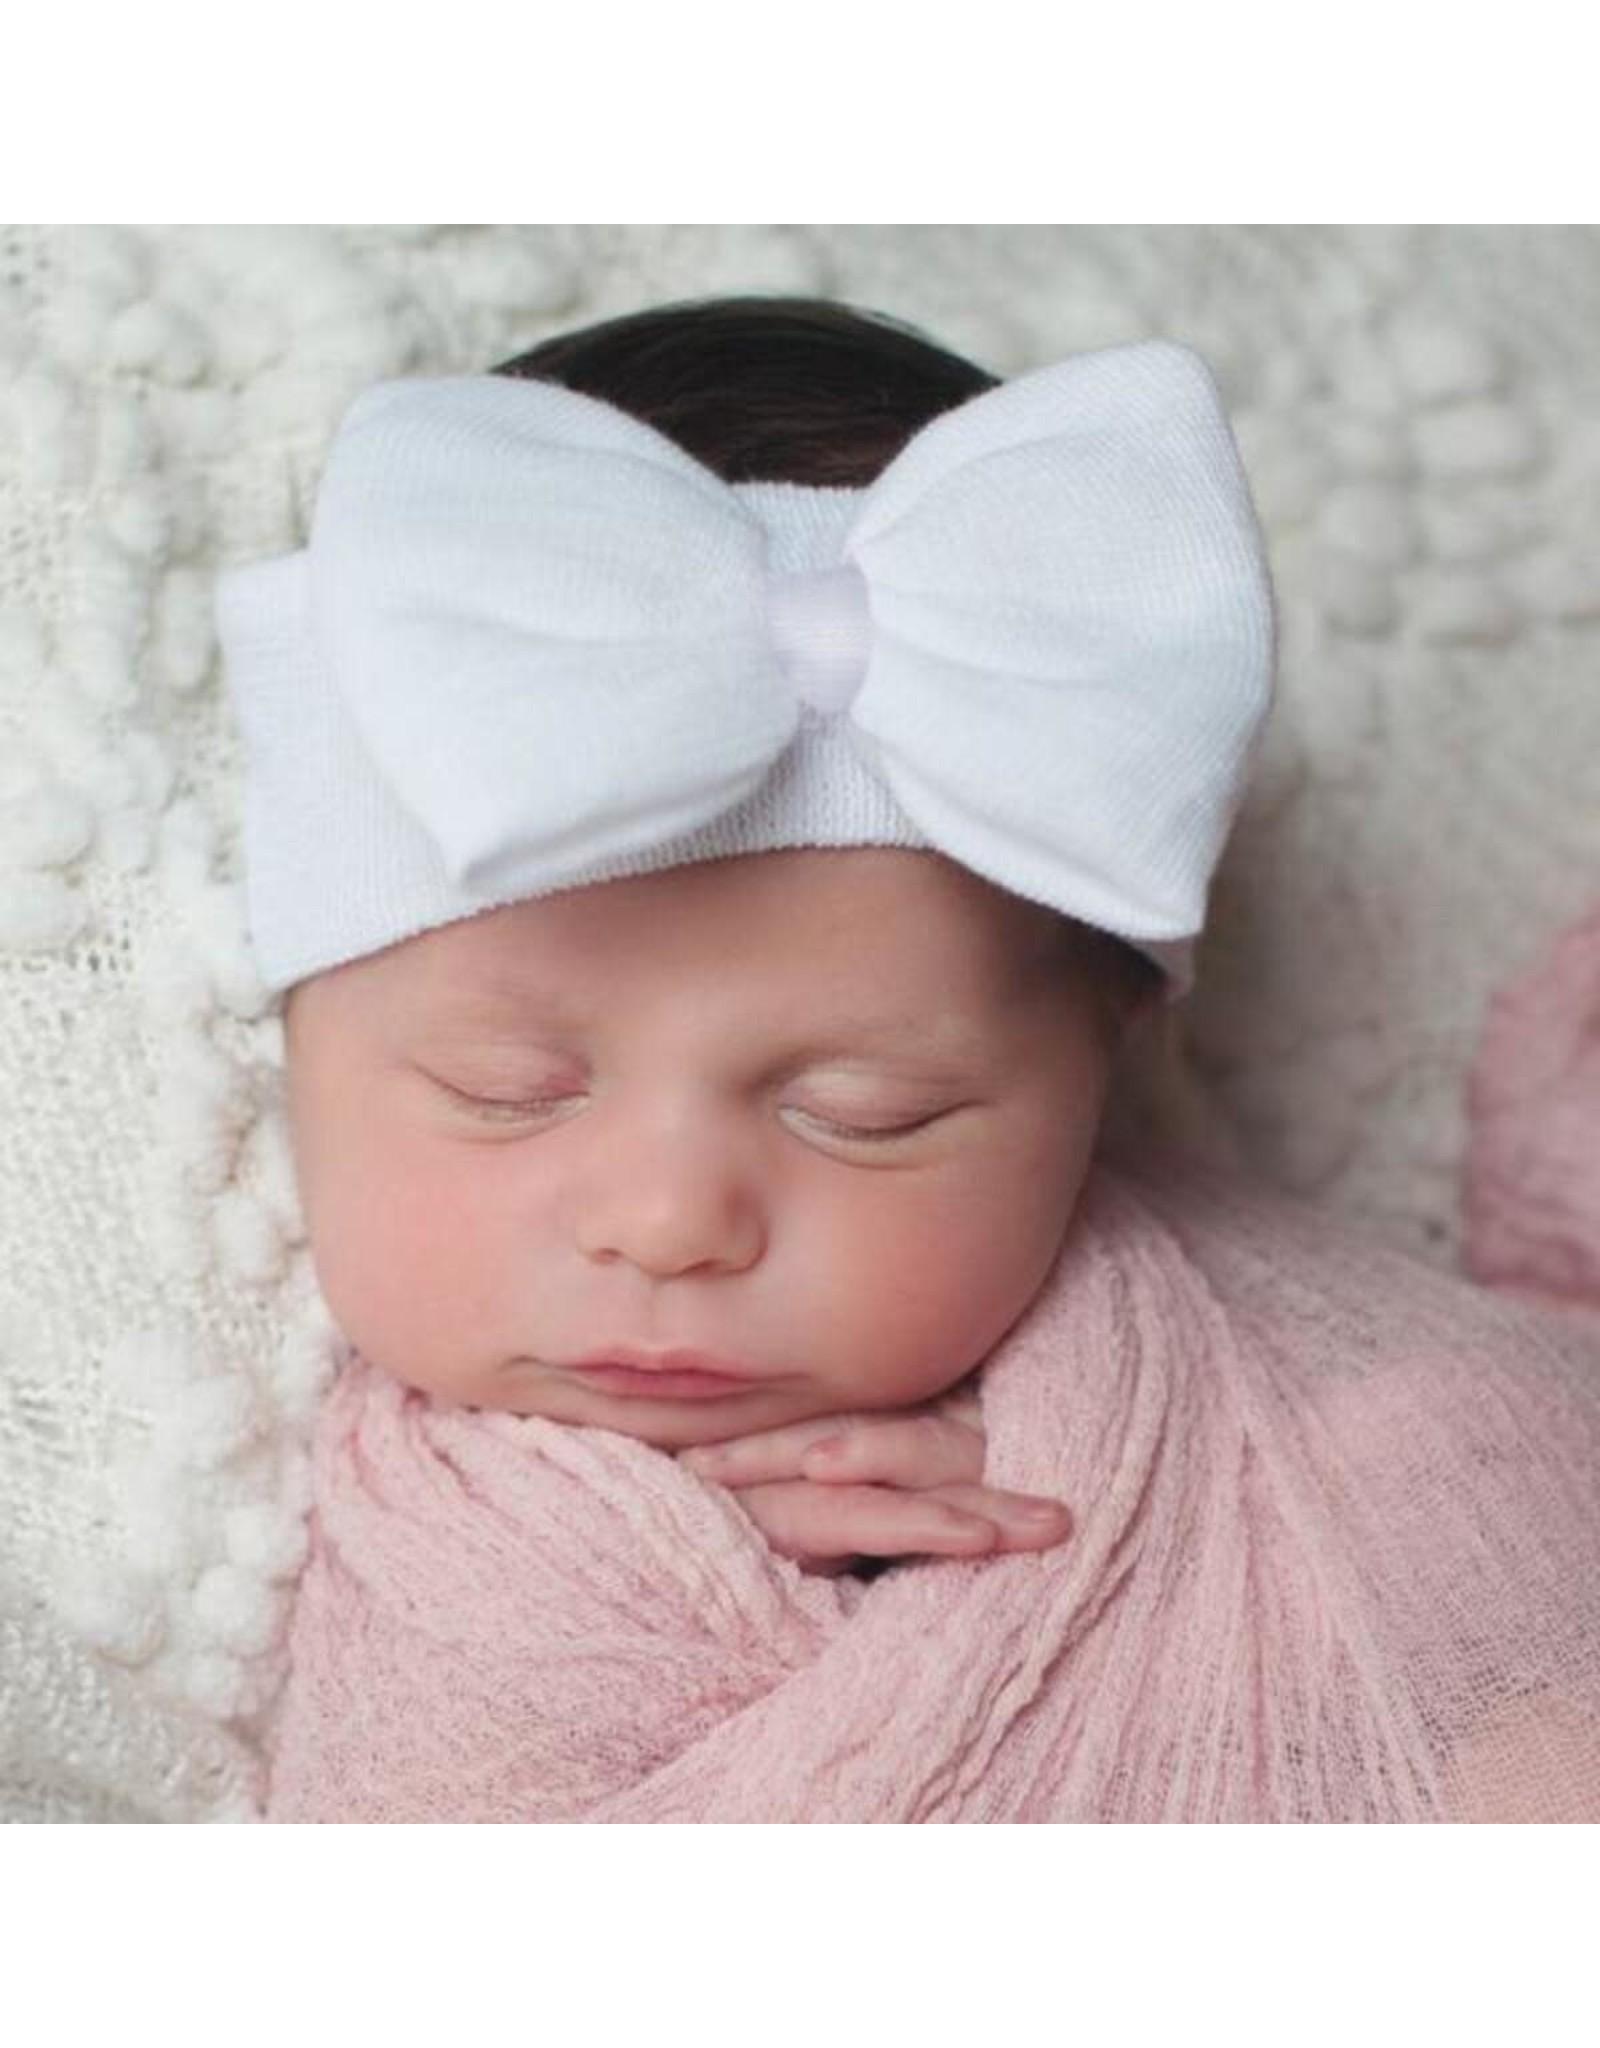 ILYBEAN Ilybean - White Bow White Ribbon Nursery Headband